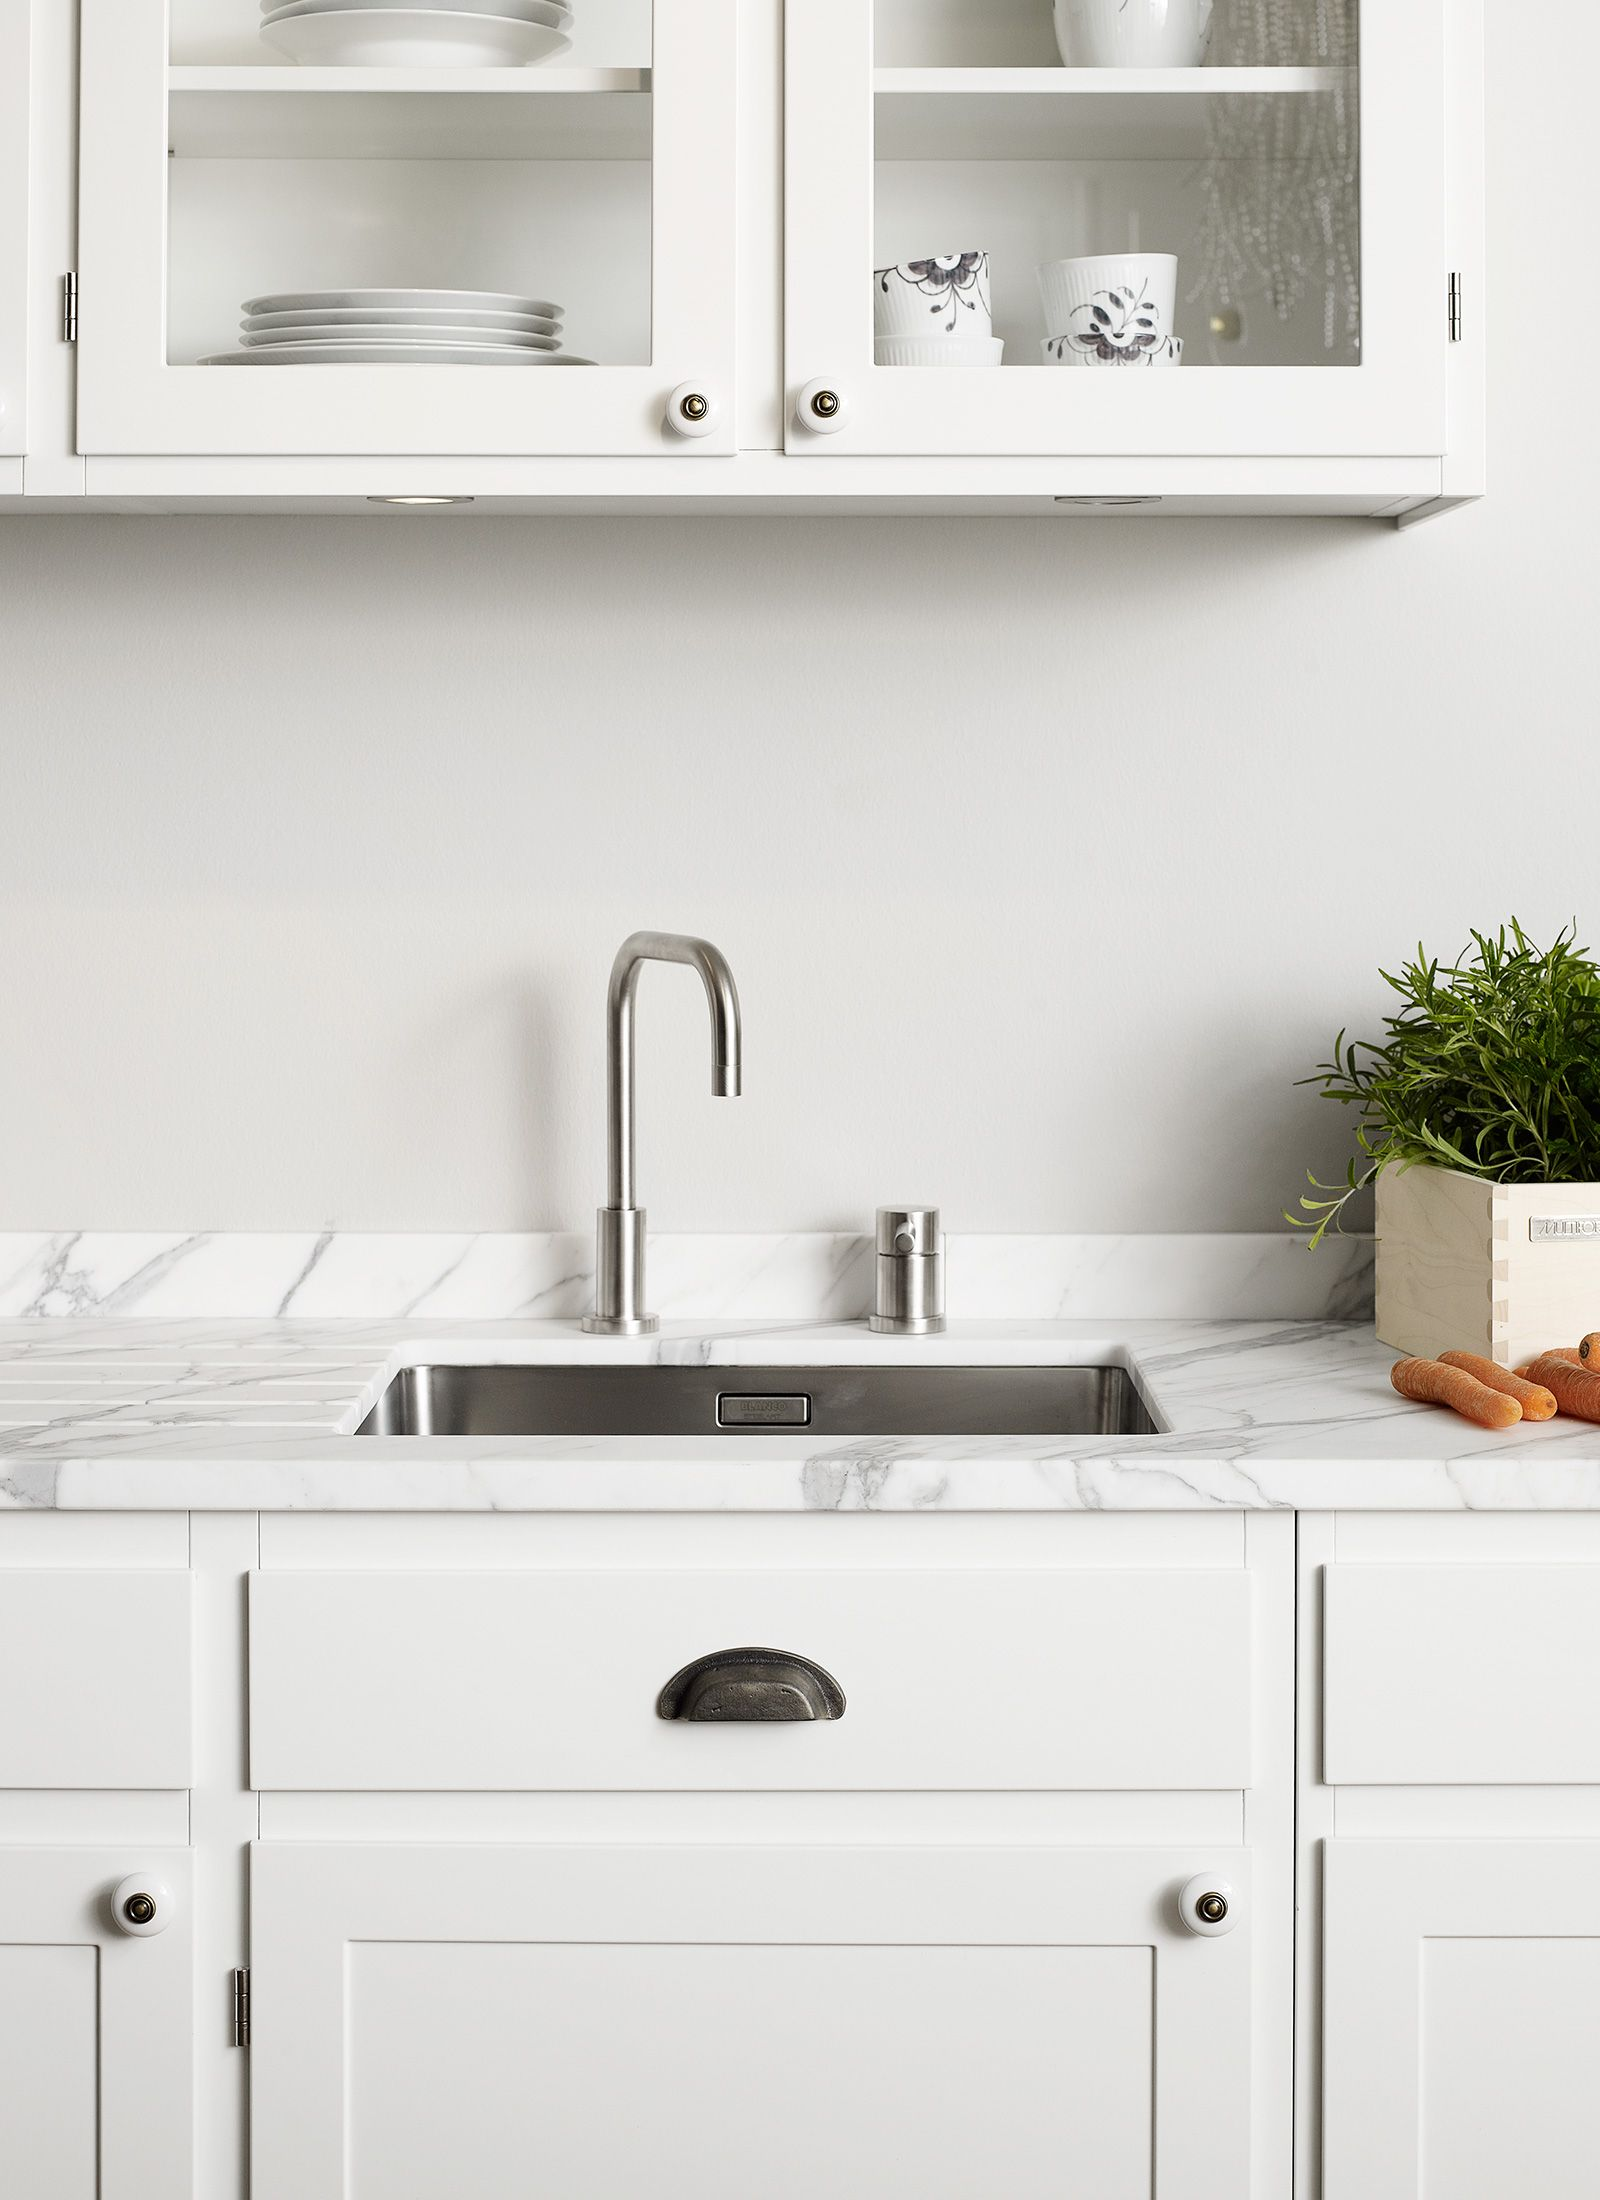 Marmor Kuchen Vorteile Nachteile Und Beispiele Mit Bildern Landhauskuche Haus Kuchen Und Kuche